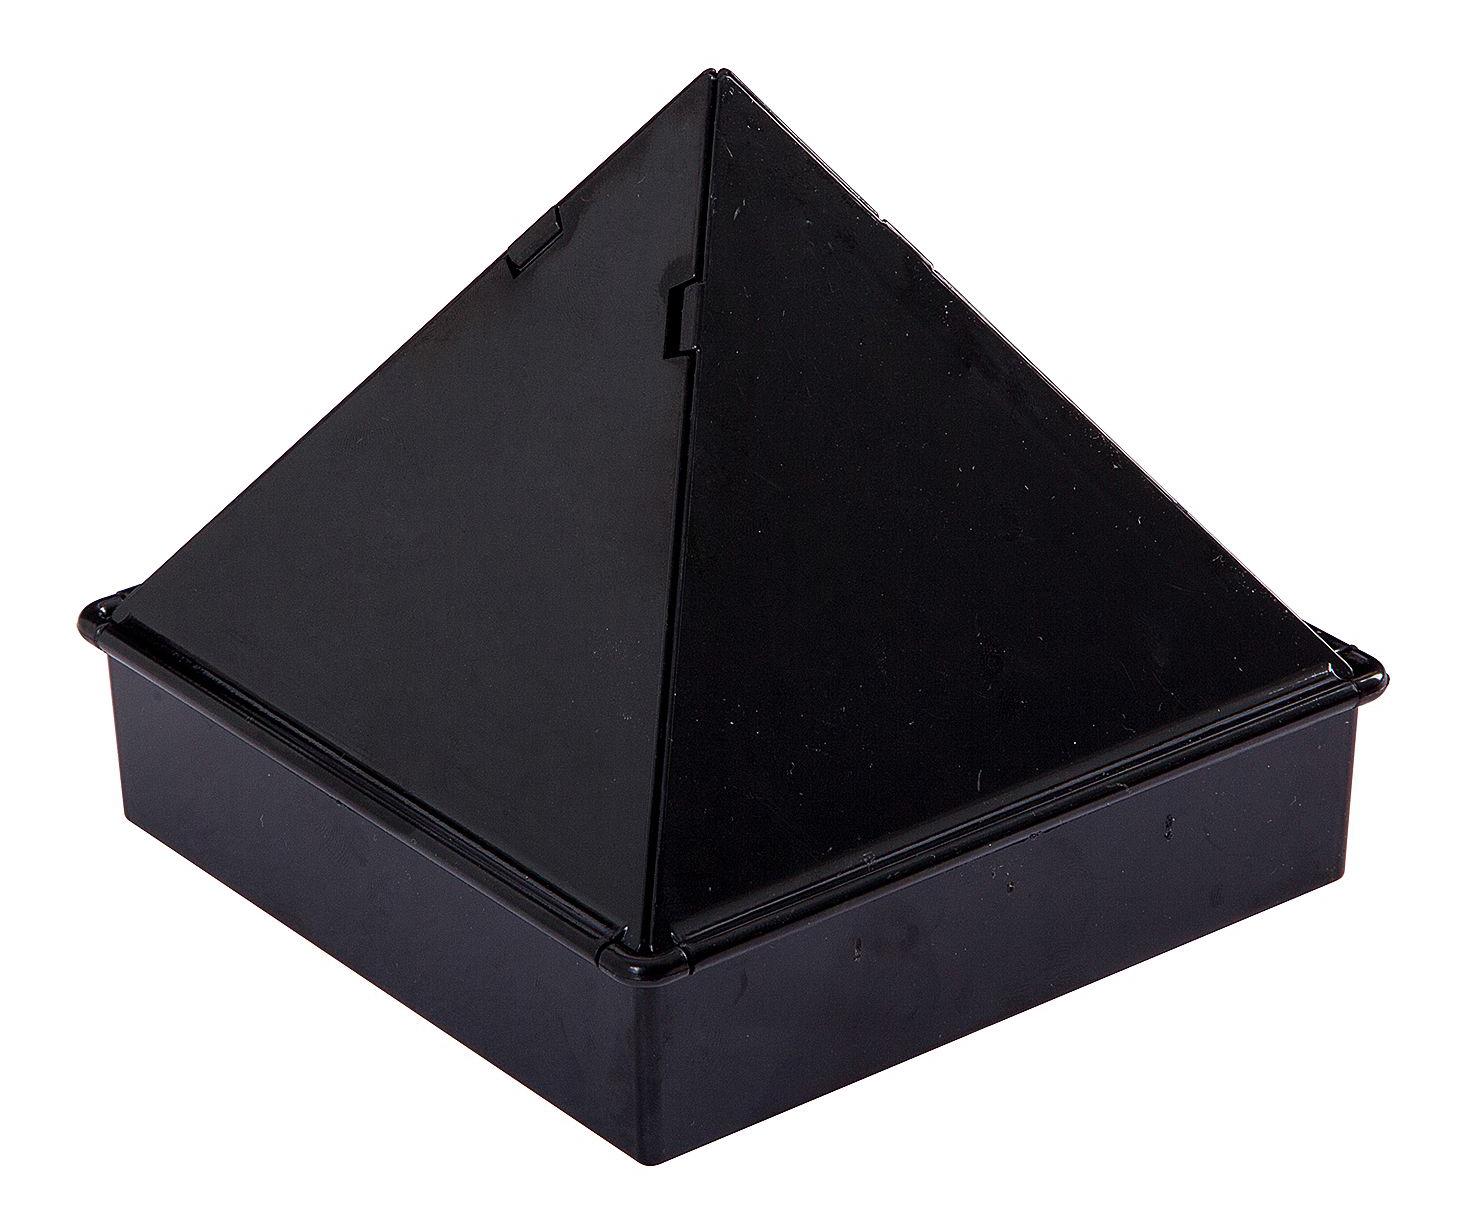 Купить Набор детской косметики Раскладная косметичка Пирамида Bondibon EvaModa ВВ2247, Детская косметика